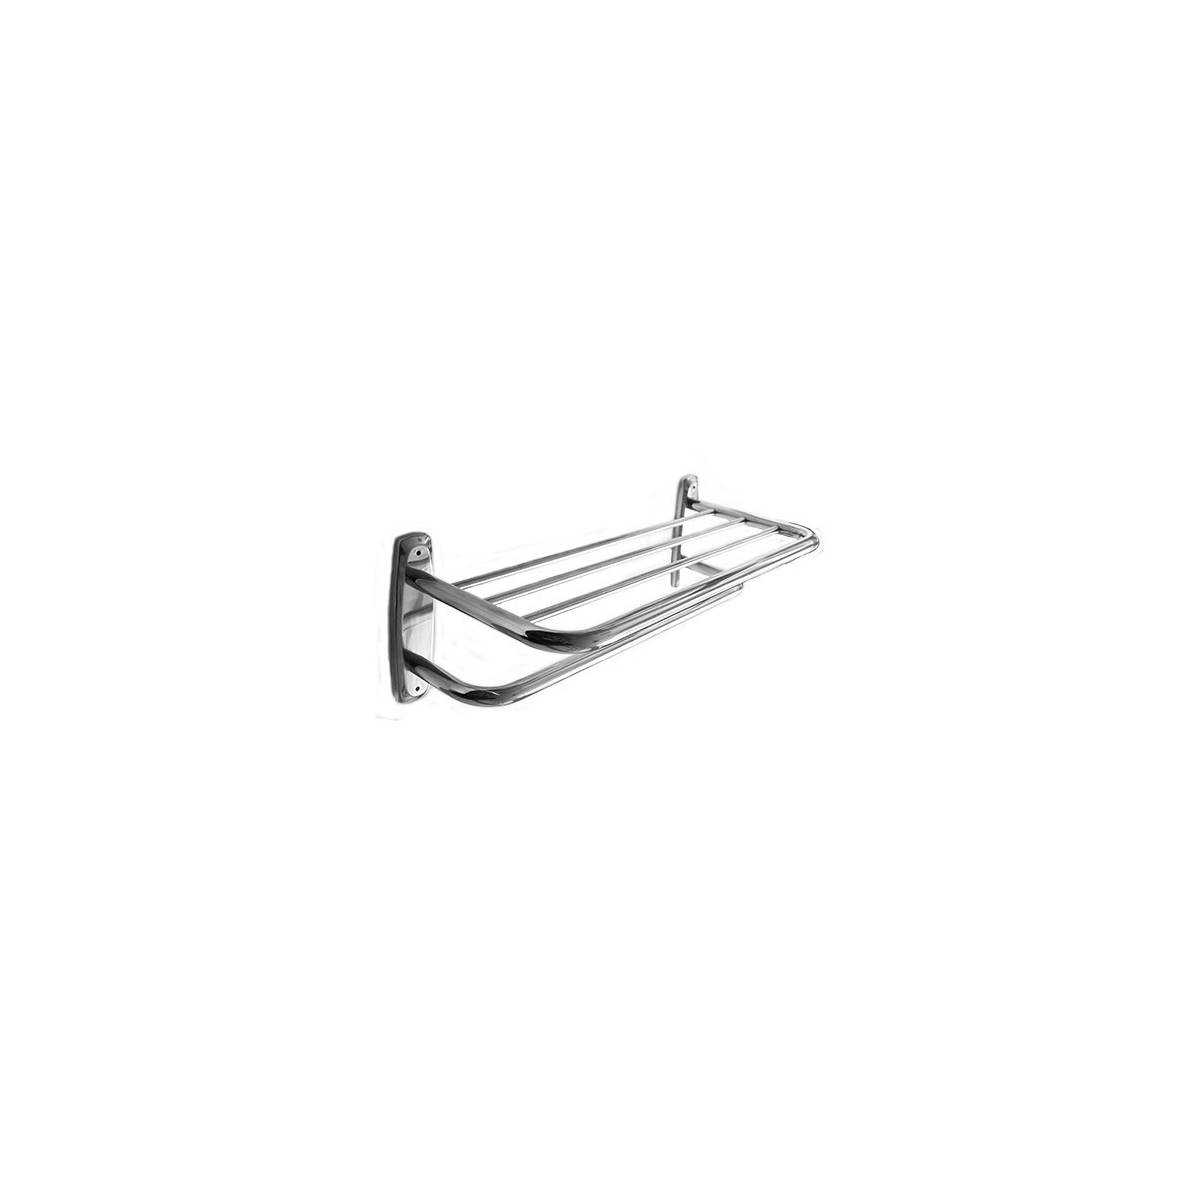 Полка-держатель полотенец металлическая (A0101) A0101 Gatto